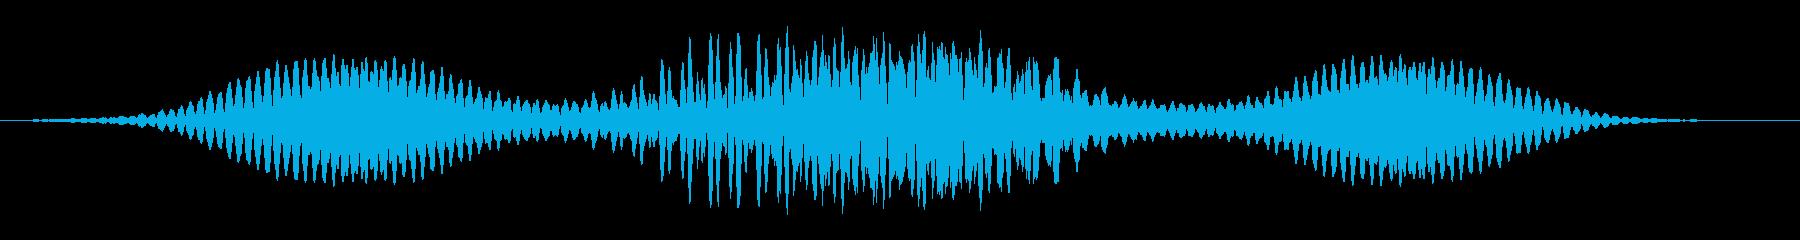 クイックハムスイープの再生済みの波形